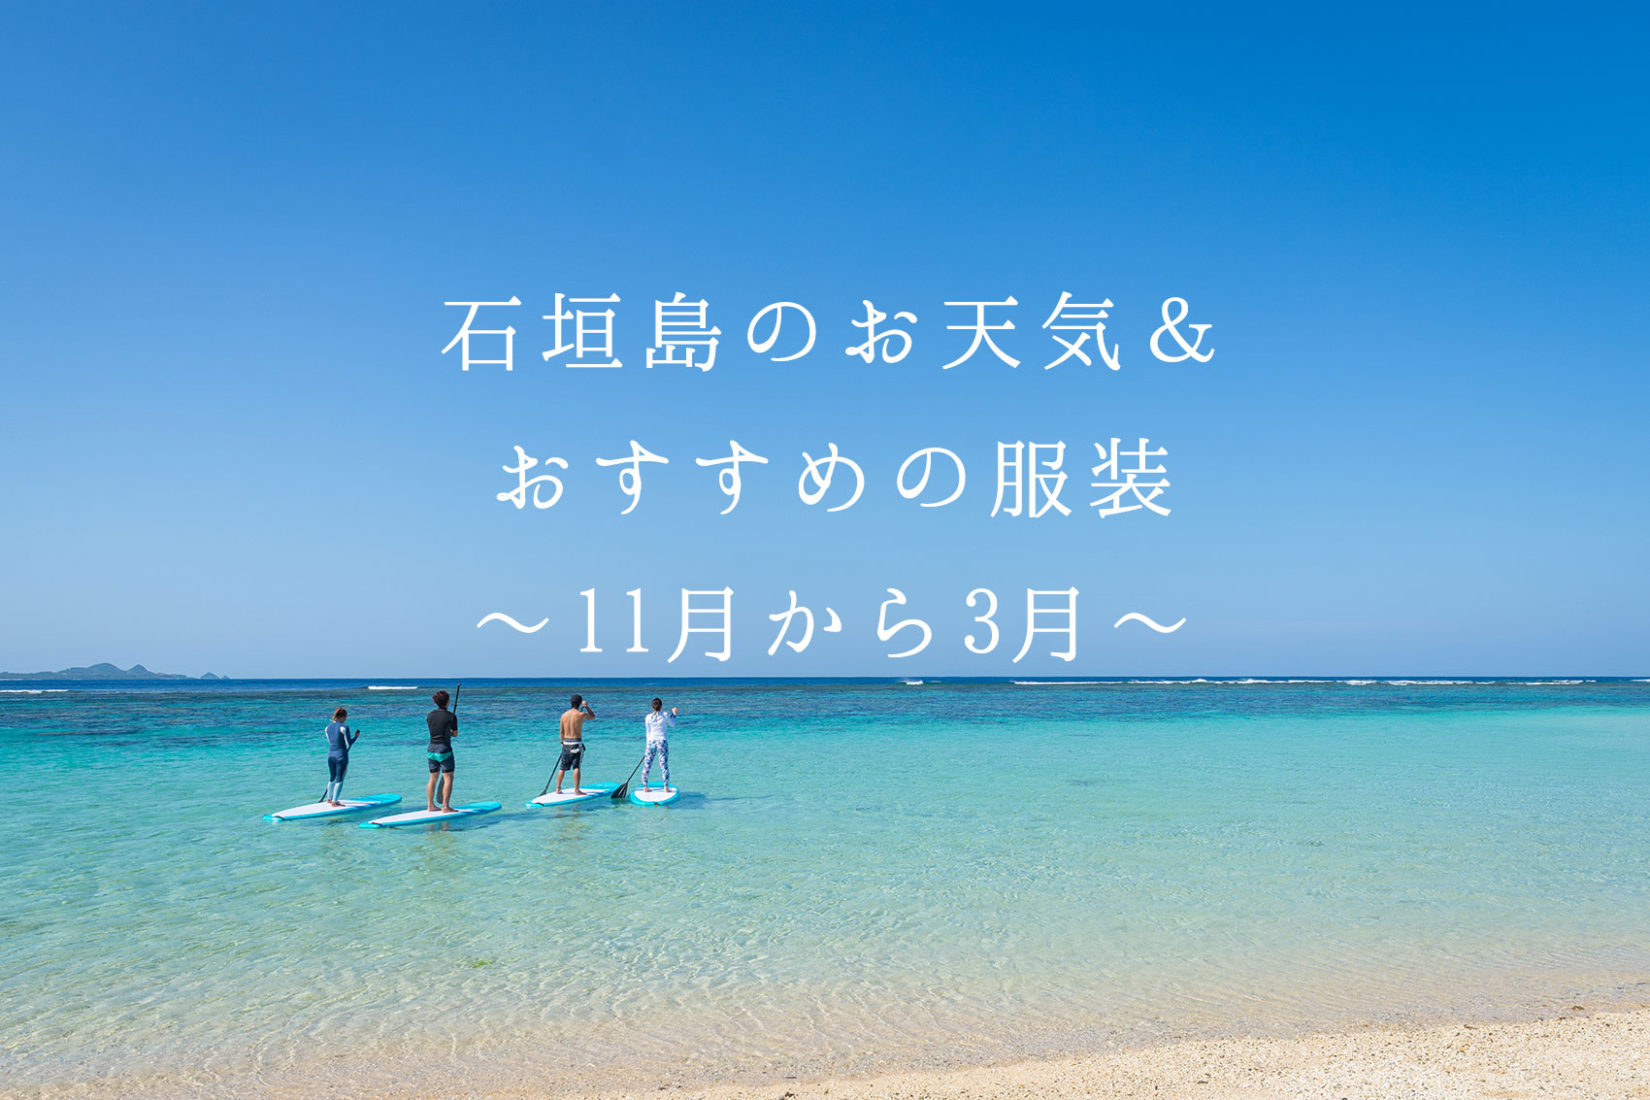 石垣島のおすすめの服装 11月から3月まで